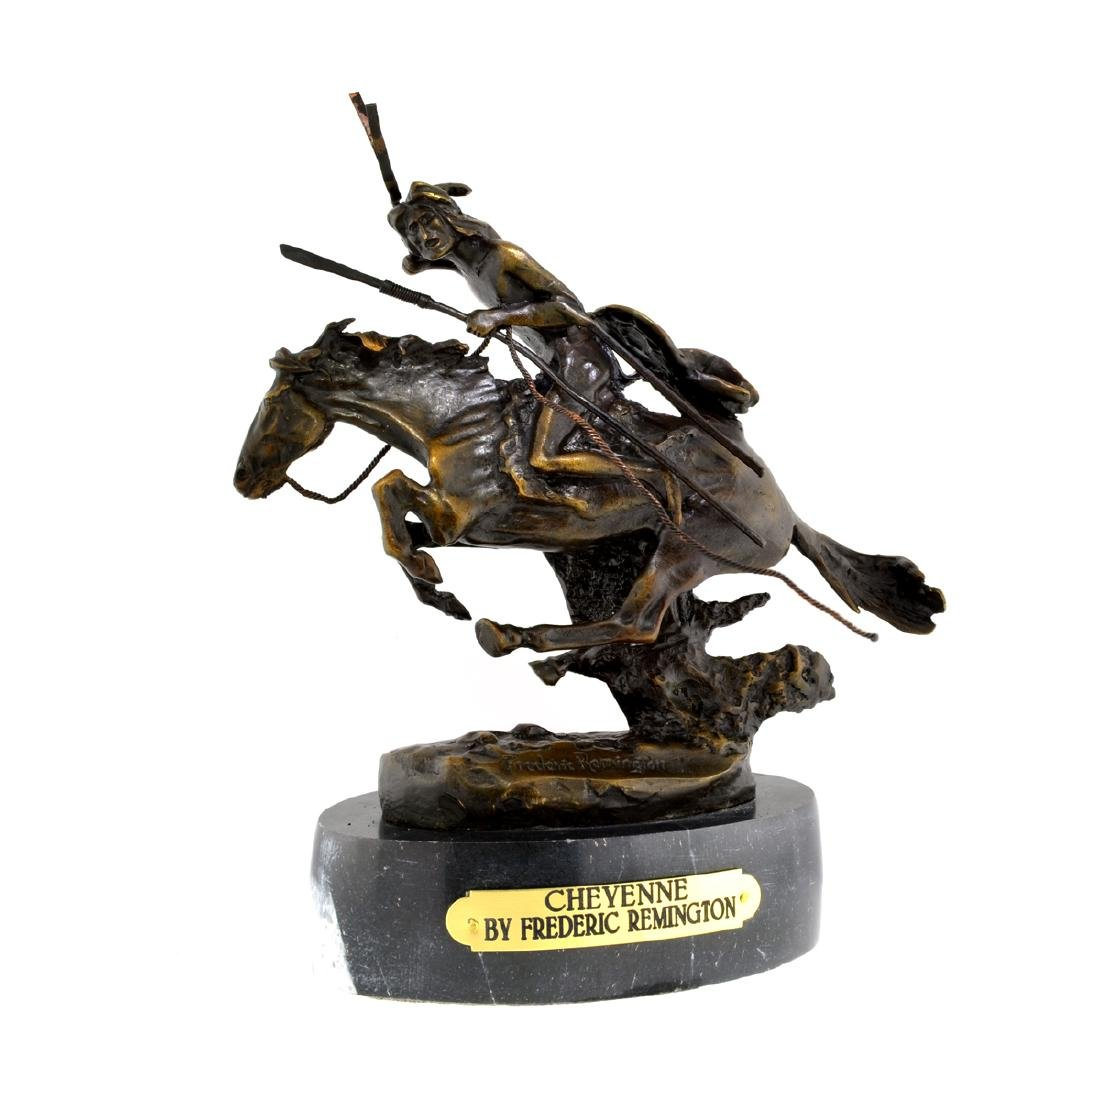 Cheyenne- By Frederic Remington- Bronze Reissue